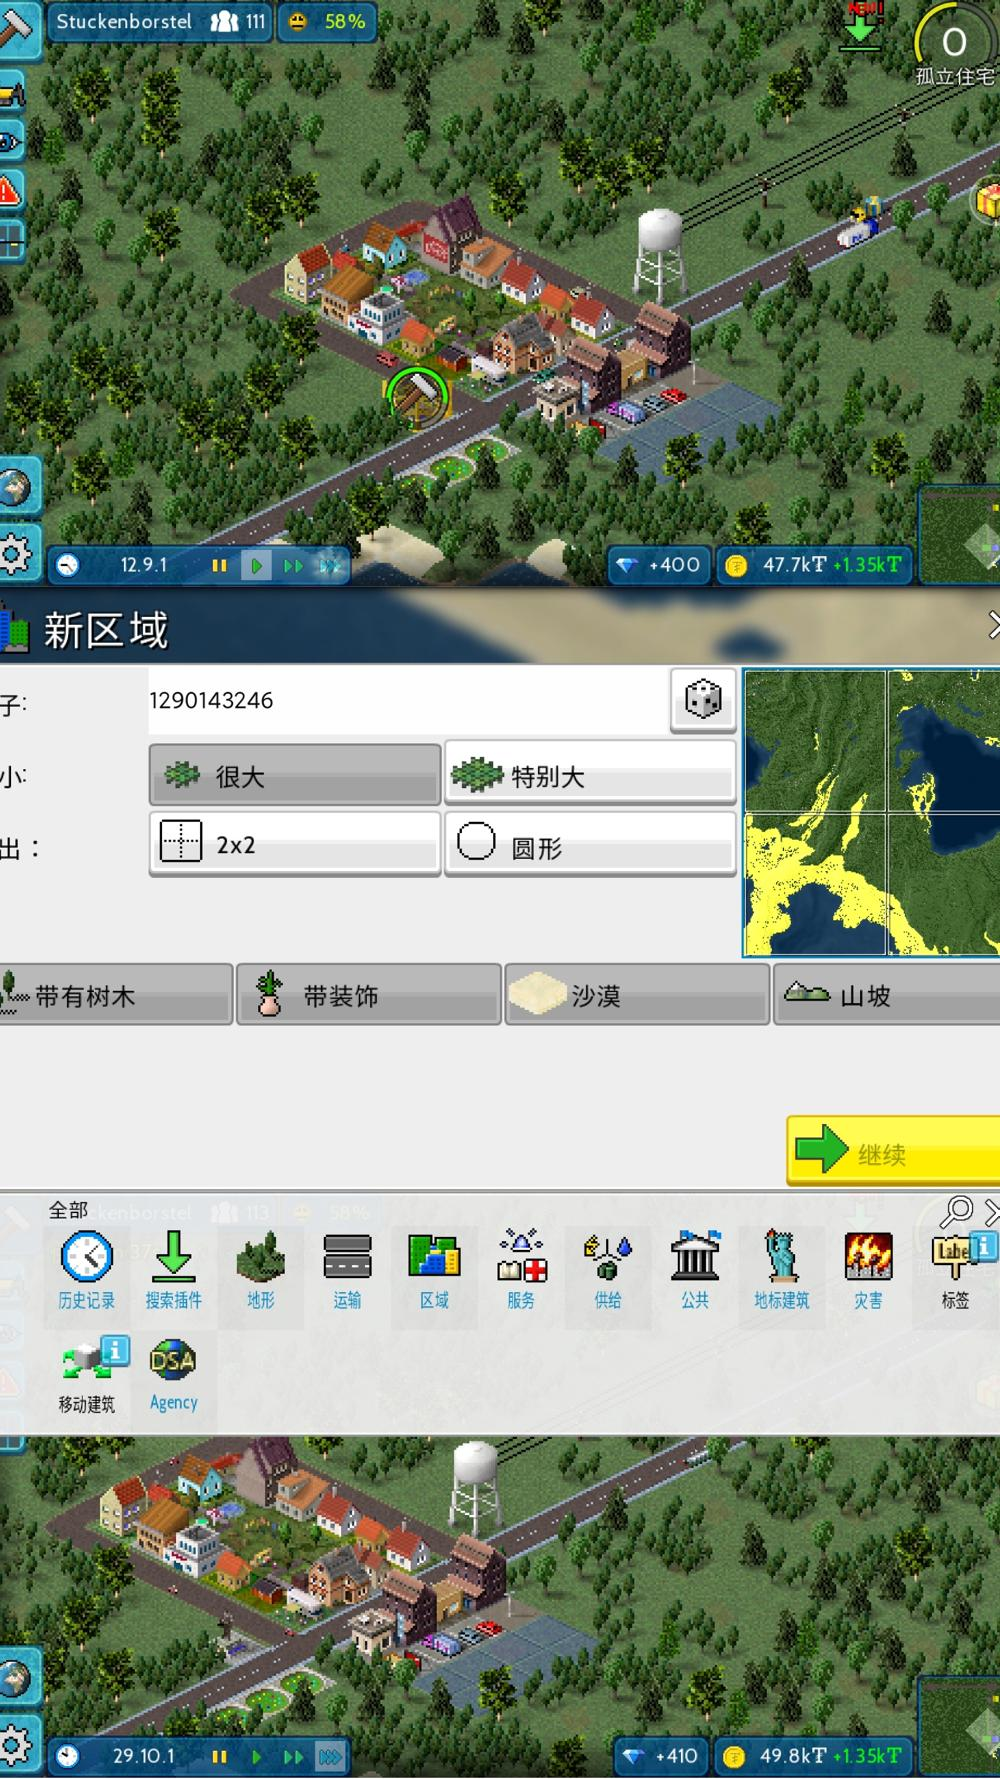 有趣模拟经营游戏 西奥小镇